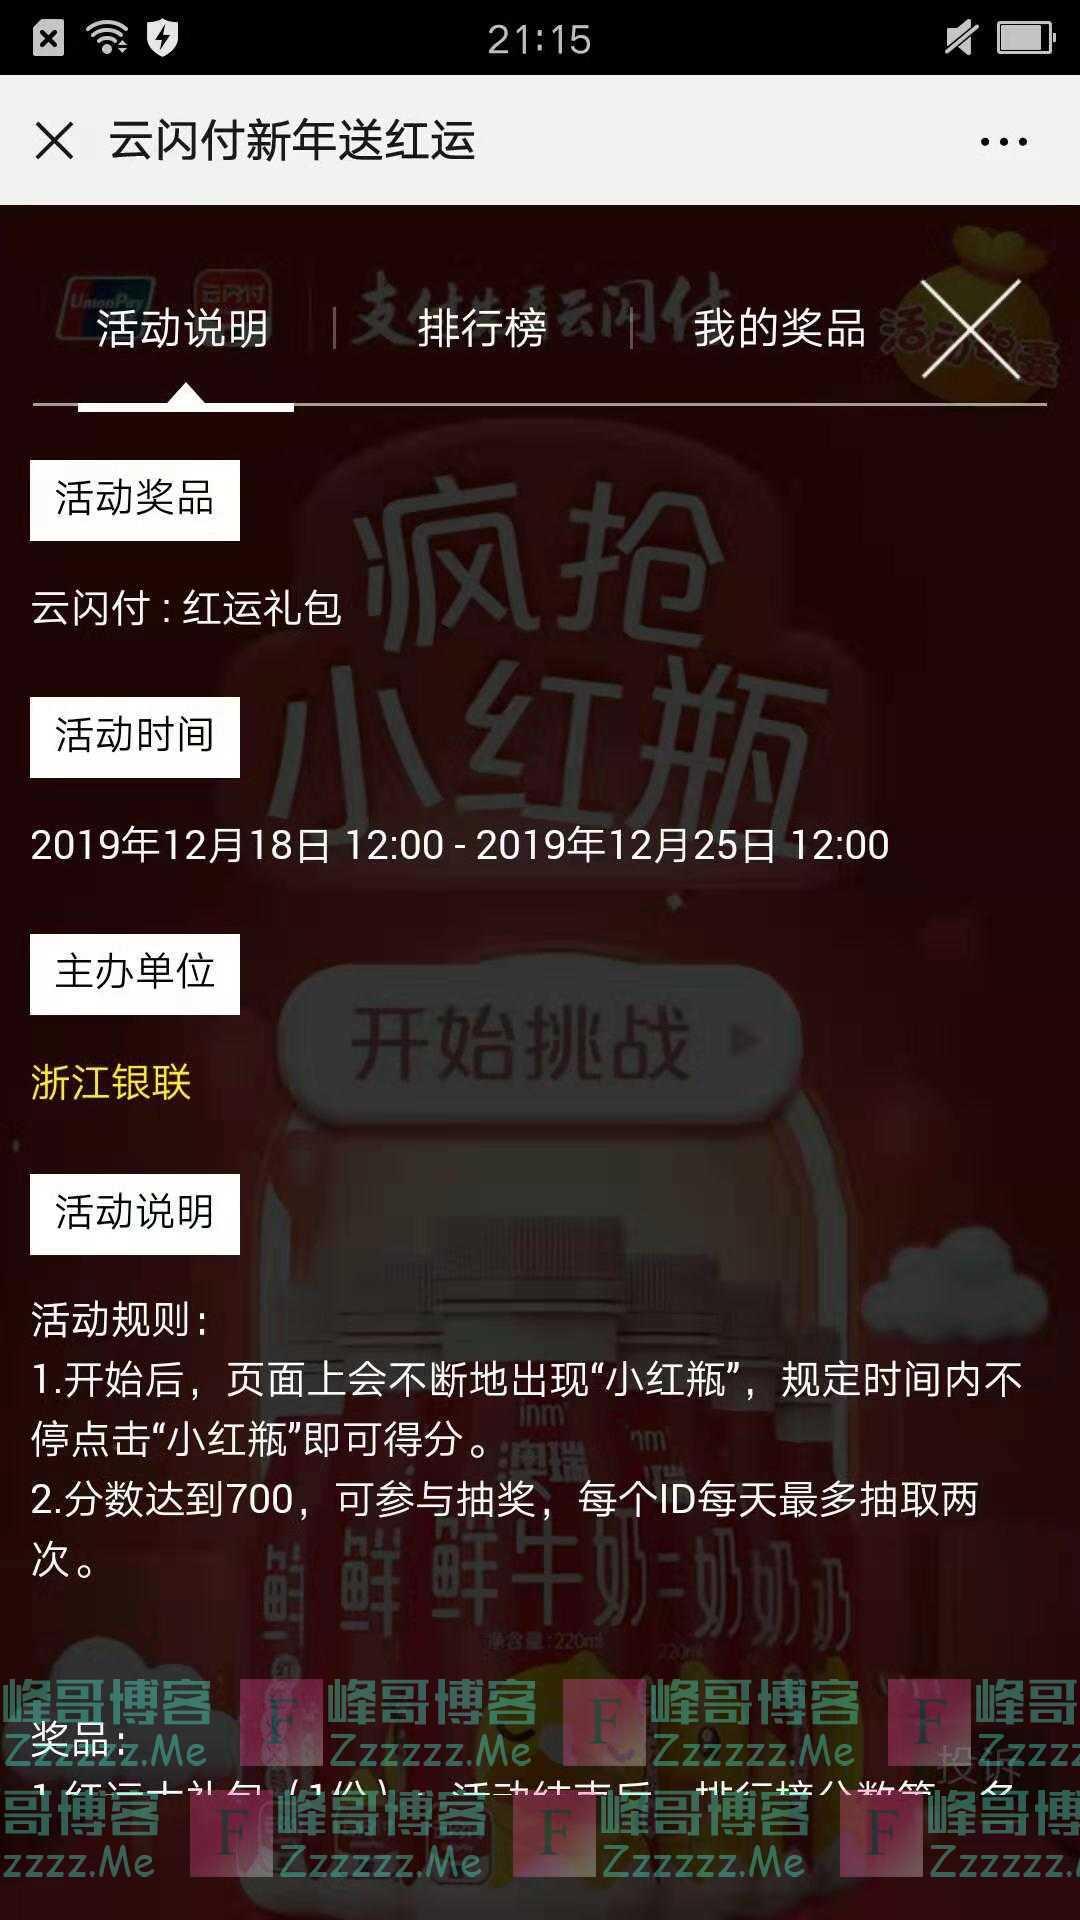 云闪付疯狂小红屏(截止12月25日)